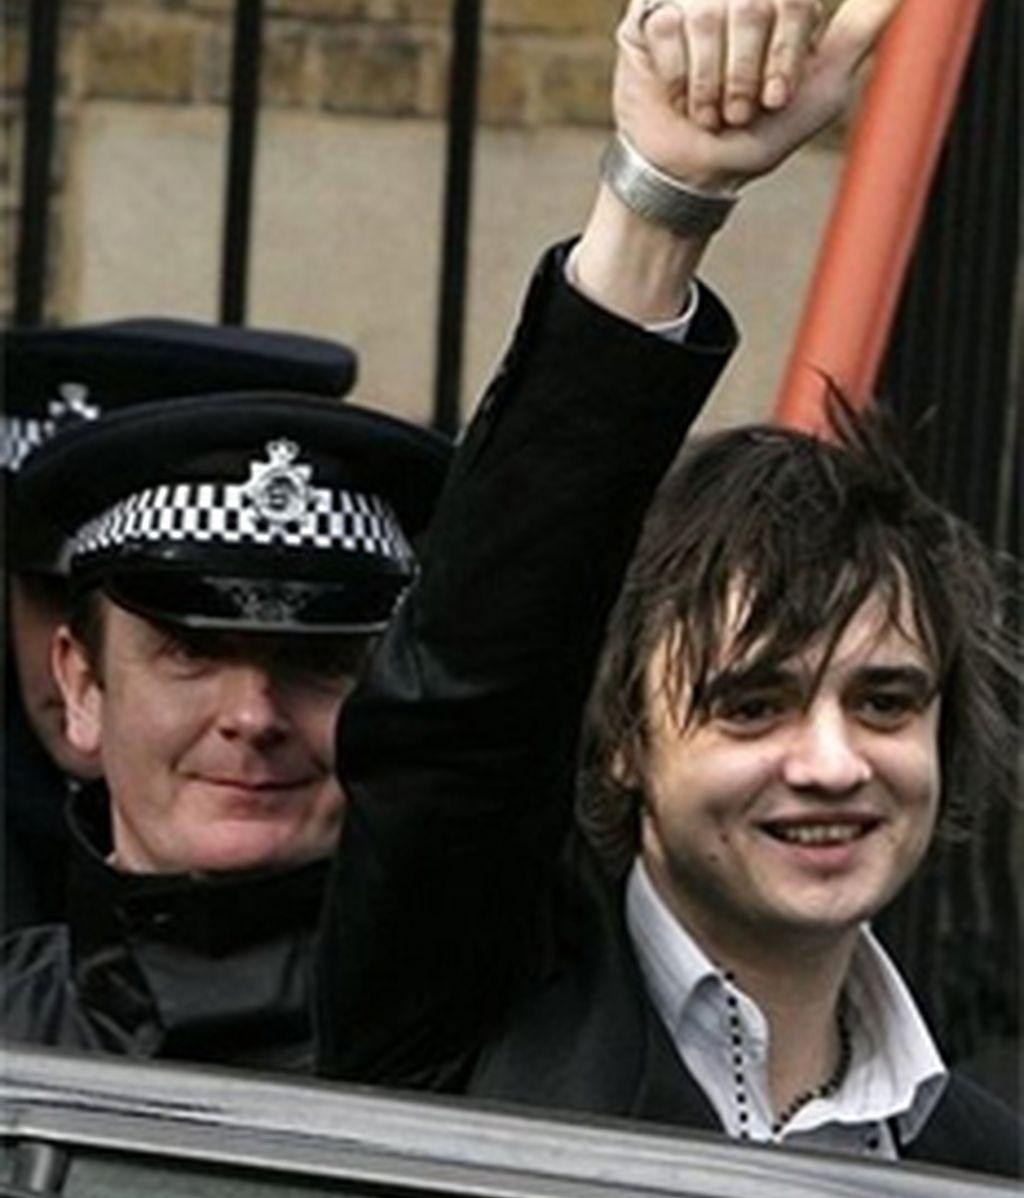 Peter Doherty el pasado año en una de sus habituales salidas de los tribunales por consumo de drogas. Foto archivo